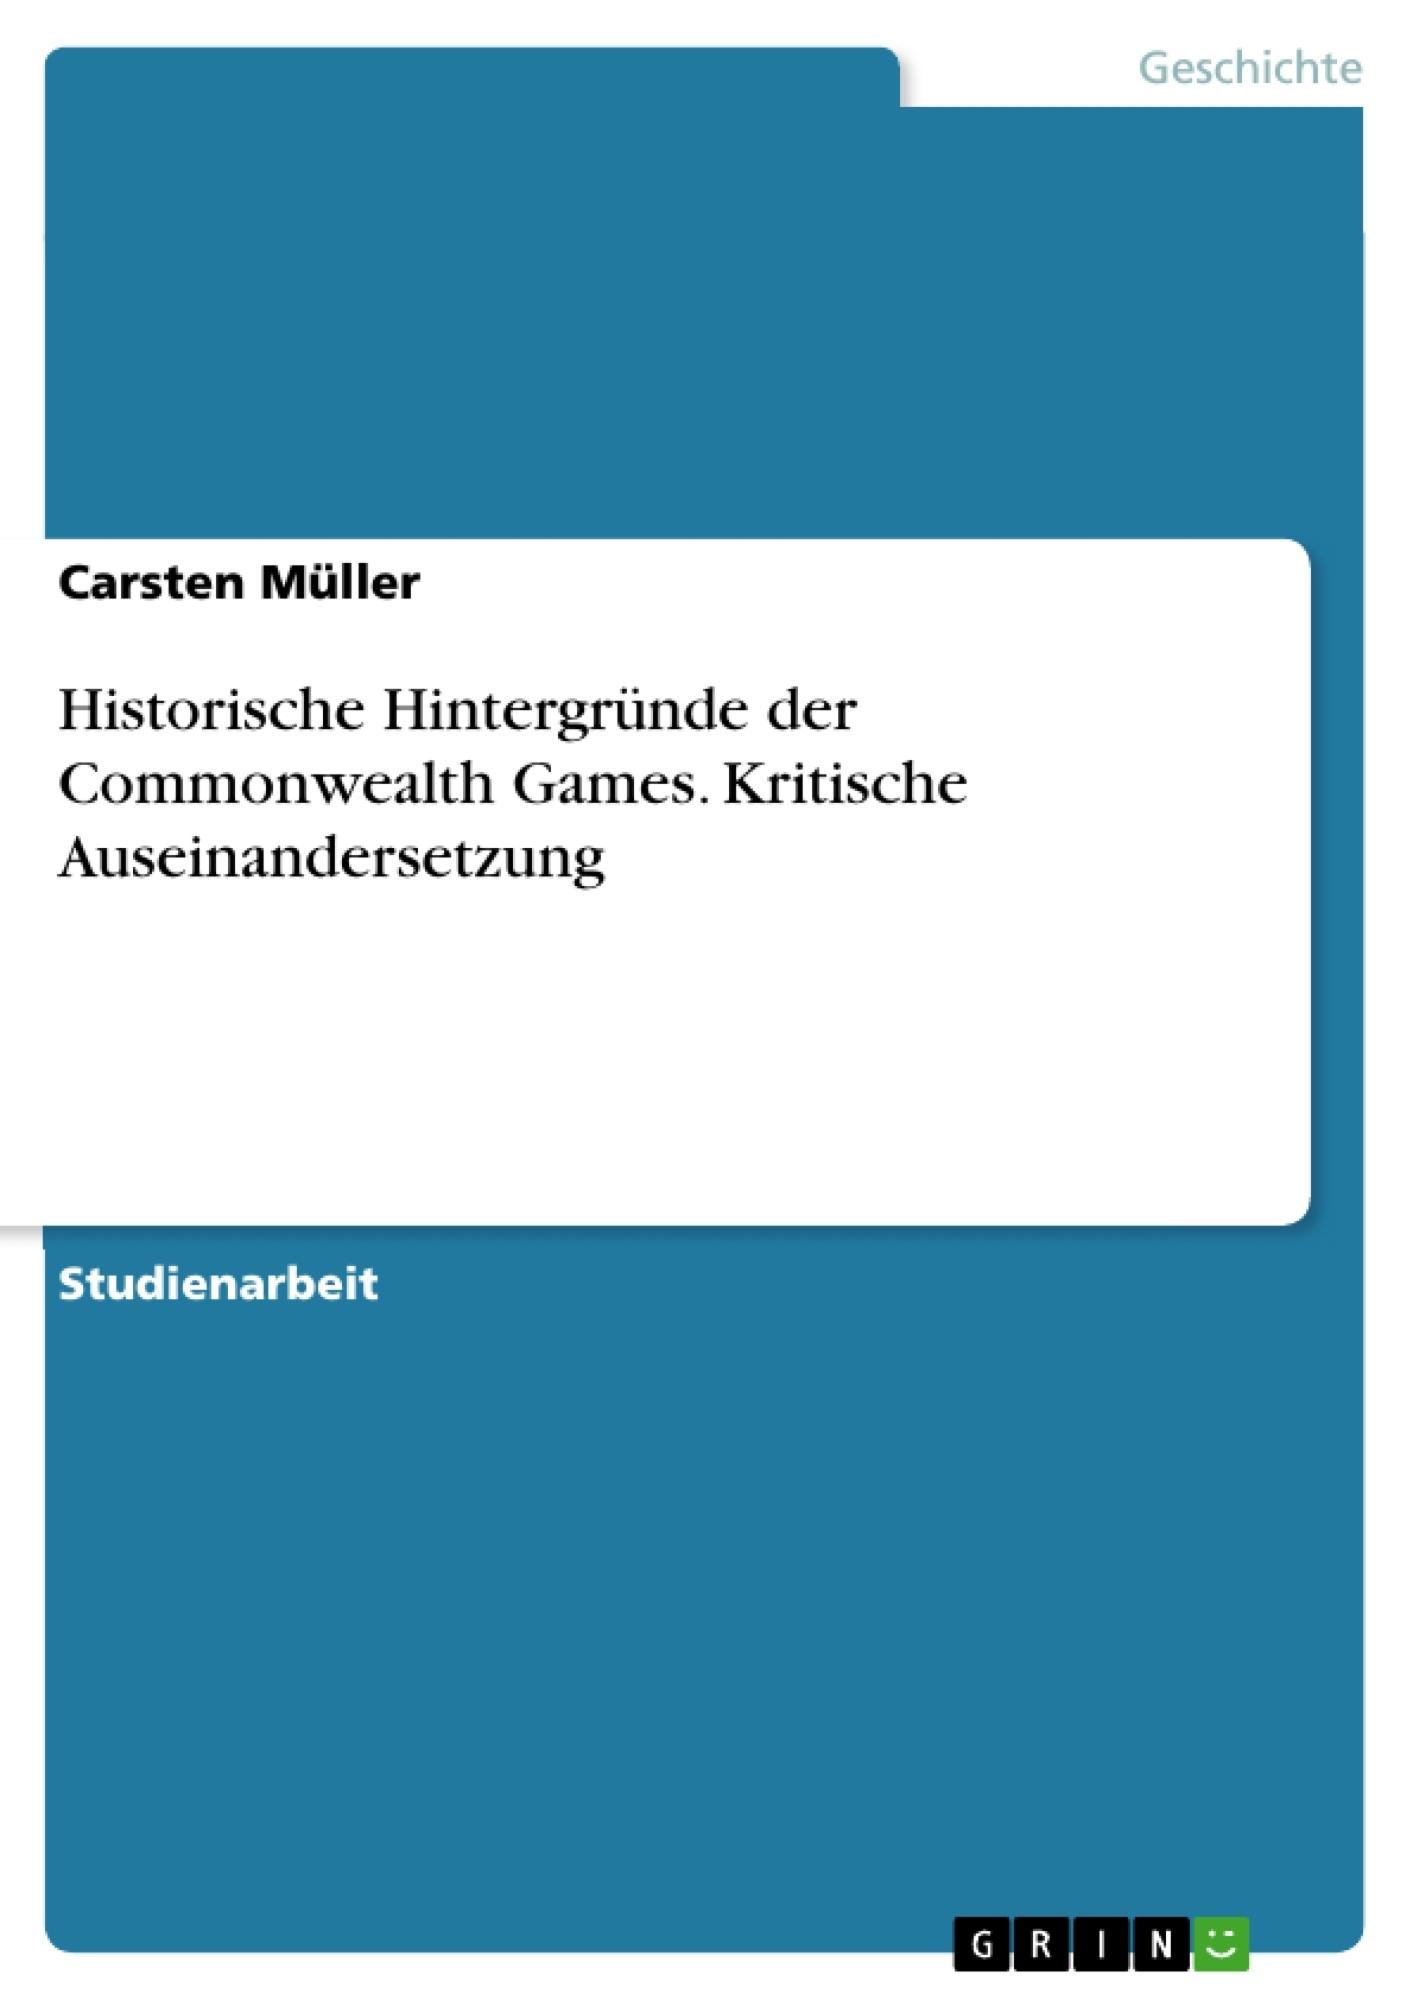 Titel: Historische Hintergründe der Commonwealth Games. Kritische Auseinandersetzung